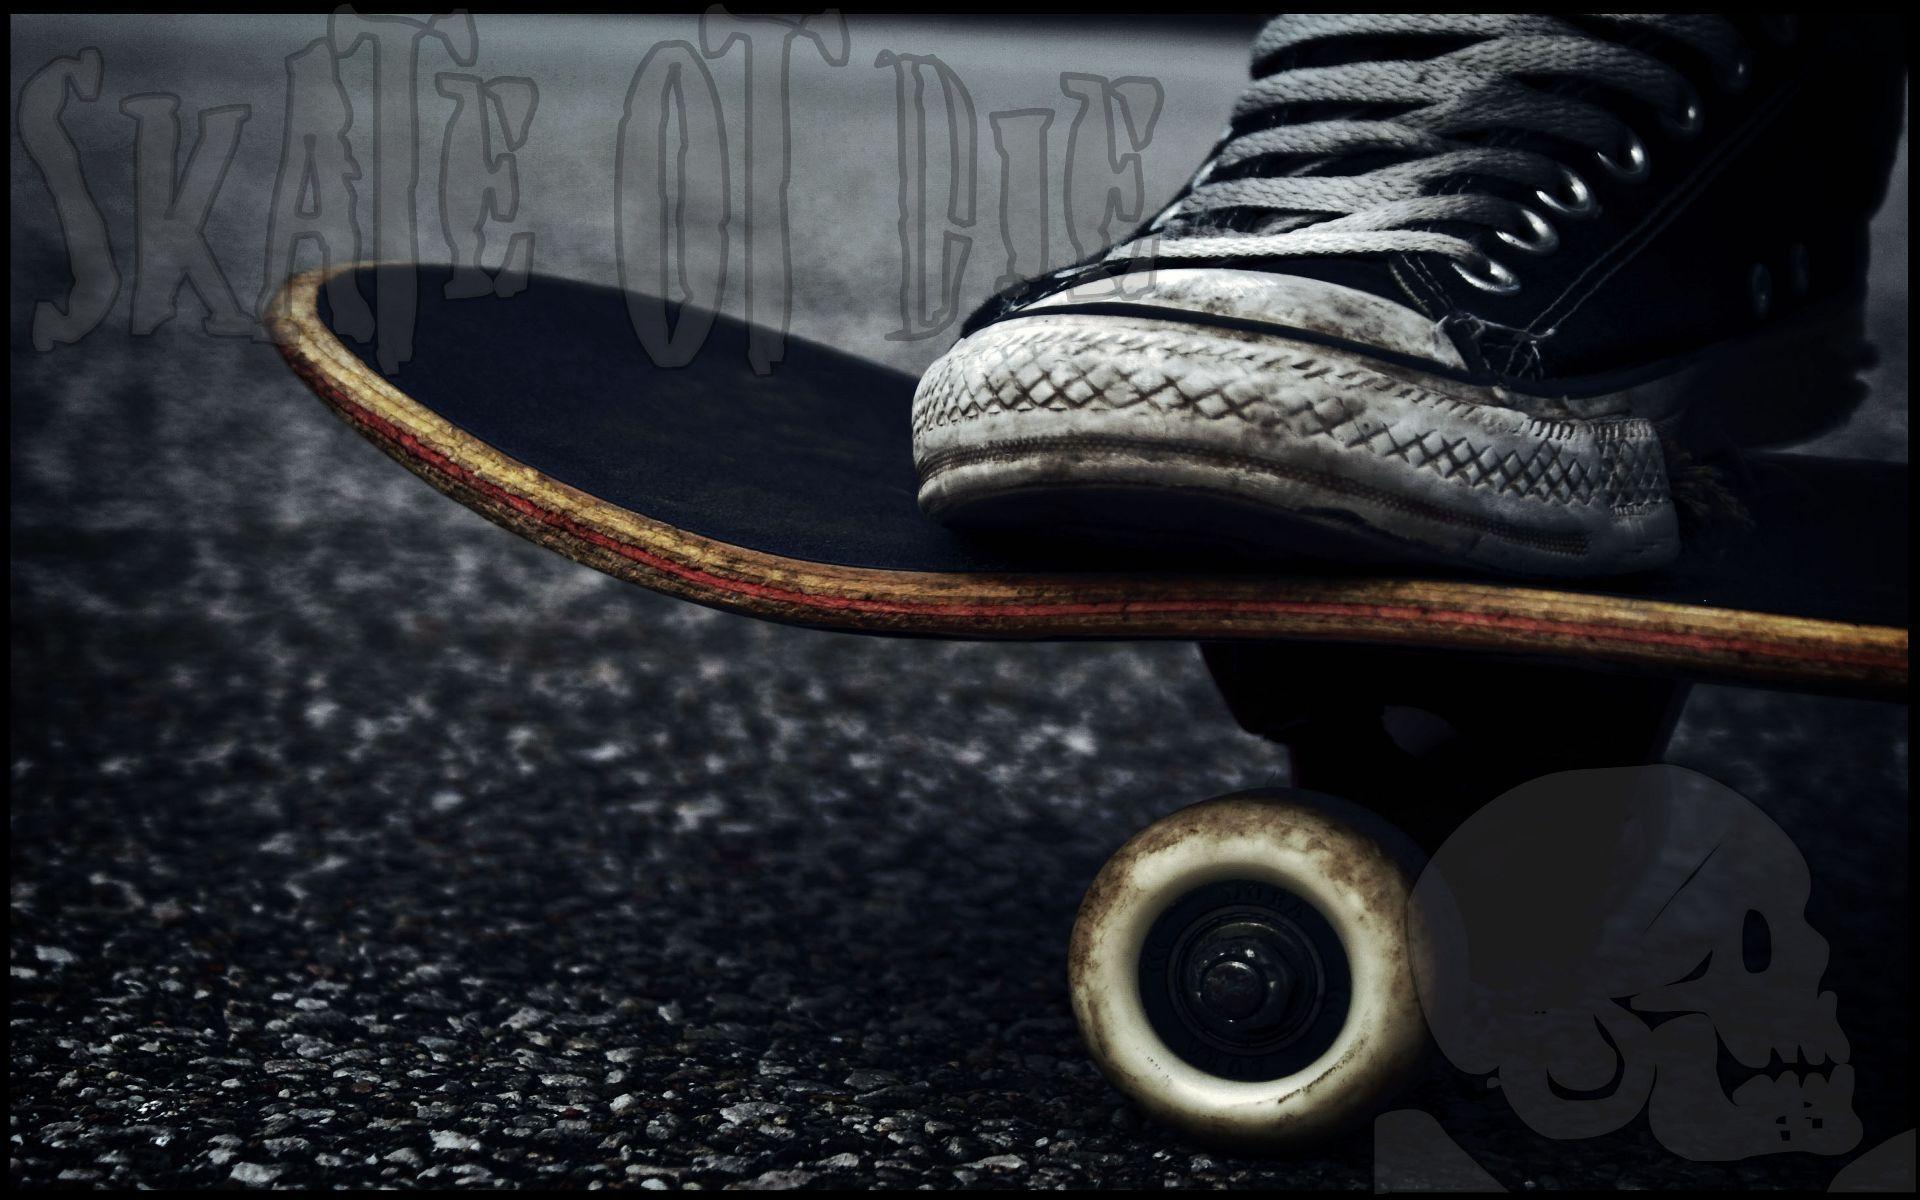 خلفيات Hd للفوتوشوب 2018 لتصميم الفوتوشوب بدقة عالية Tecnologis Sneakers Wallpaper Skateboard Element Skateboards